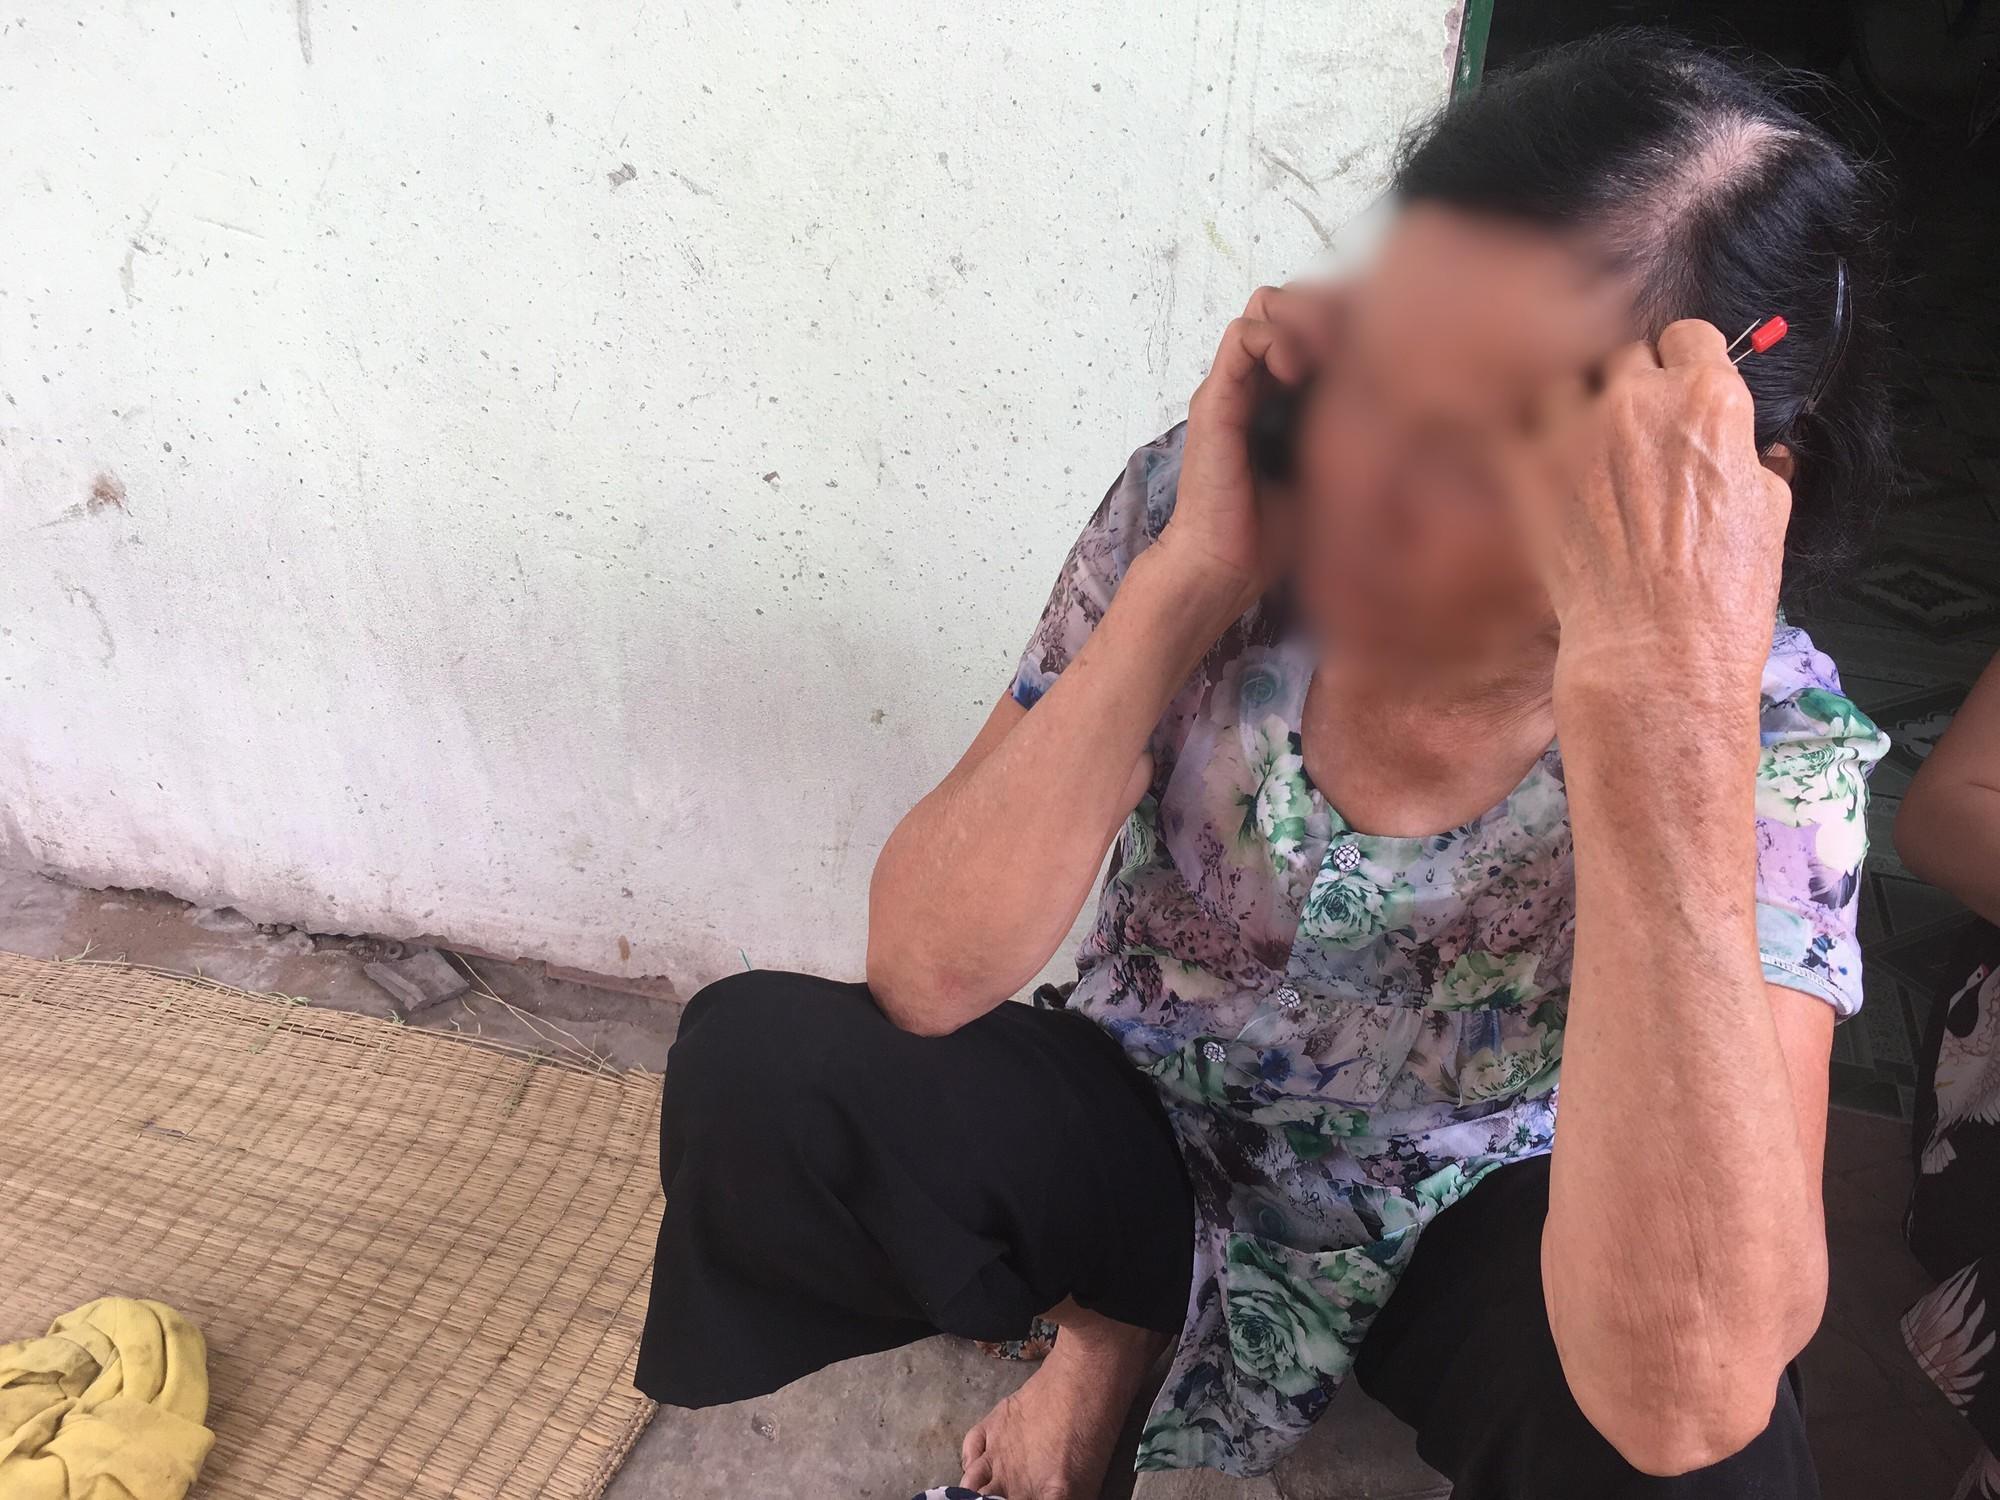 Gã đàn ông xâm hại tình dục con gái 10 tuổi khai nhận còn thực hiện hành vi thú tính với 2 bé gái hàng xóm - Ảnh 3.